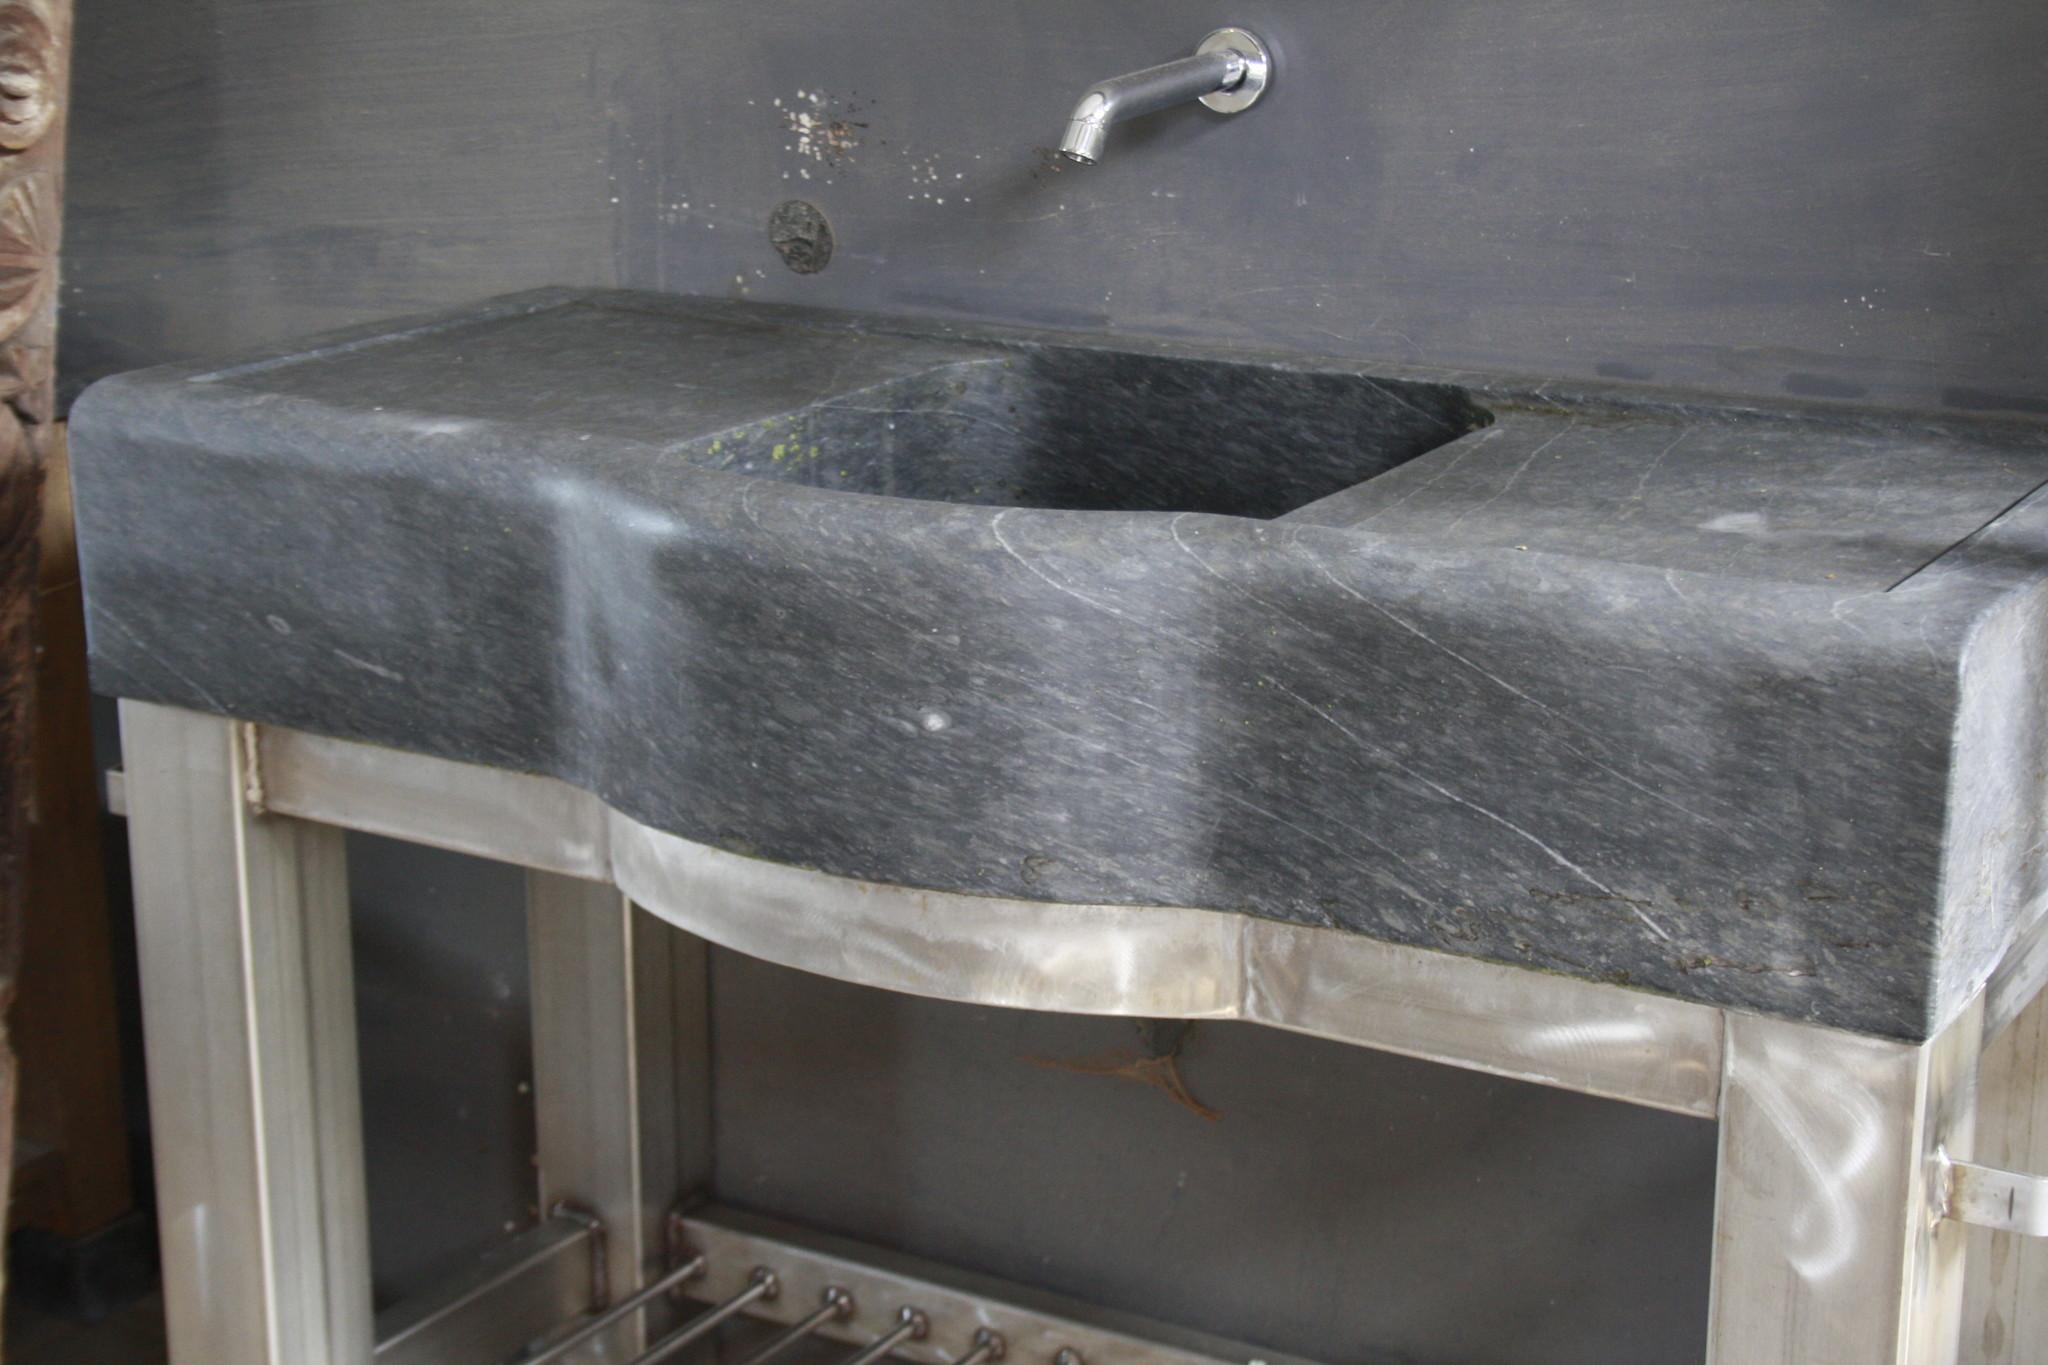 Badkamermeubel RVS + Belgisch hardstenen blad 130 cm-2